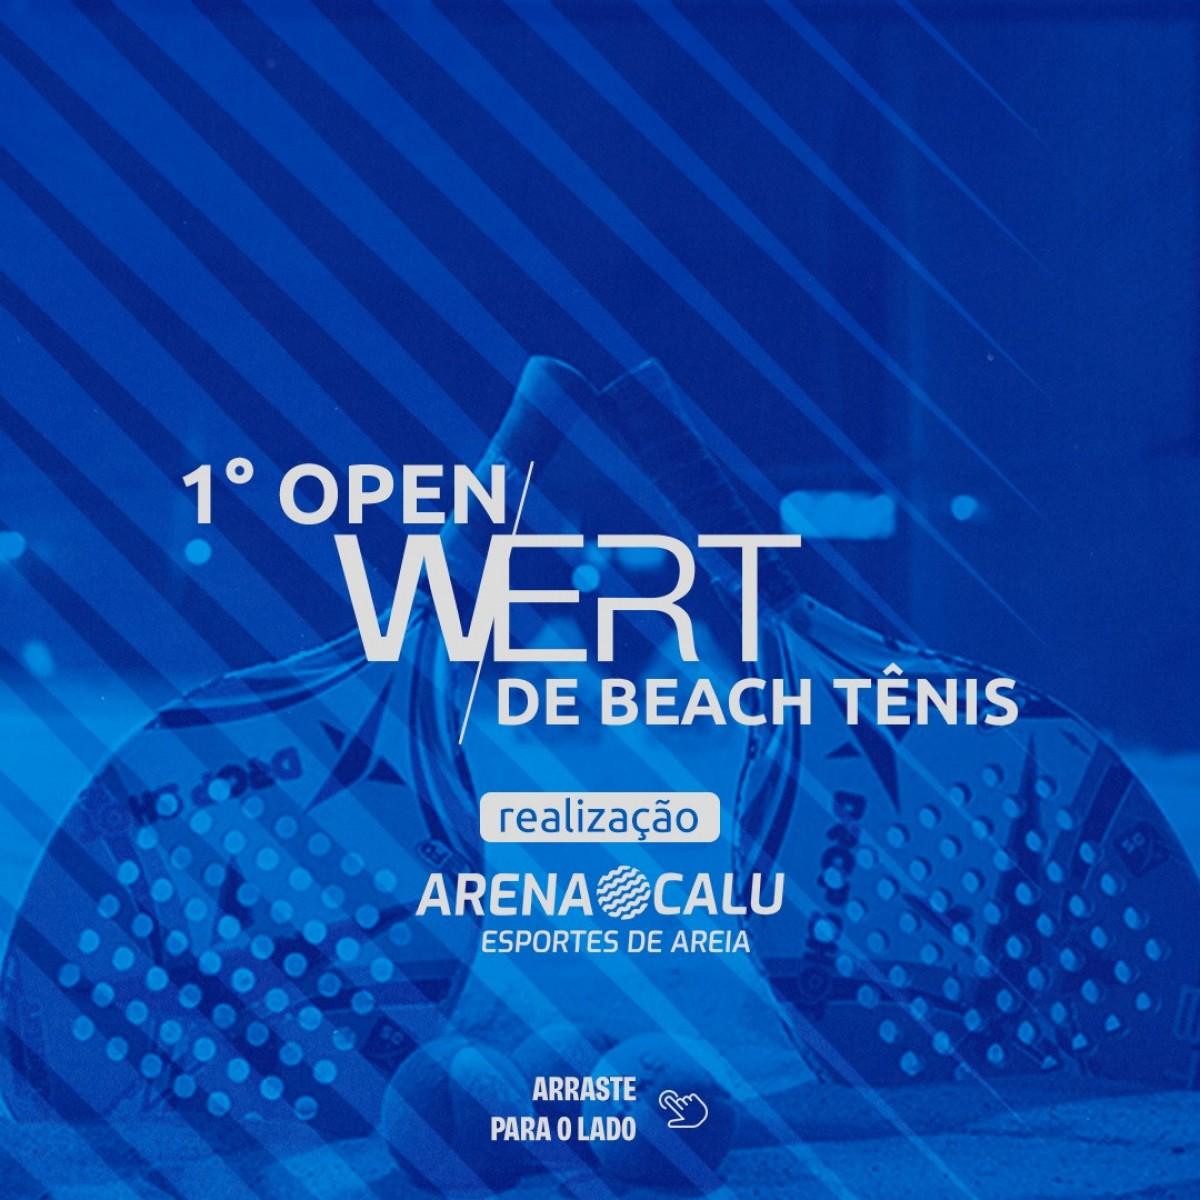 Aracaju recebe torneio de Beach Tênis em setembro (Imagem: Divulgação)